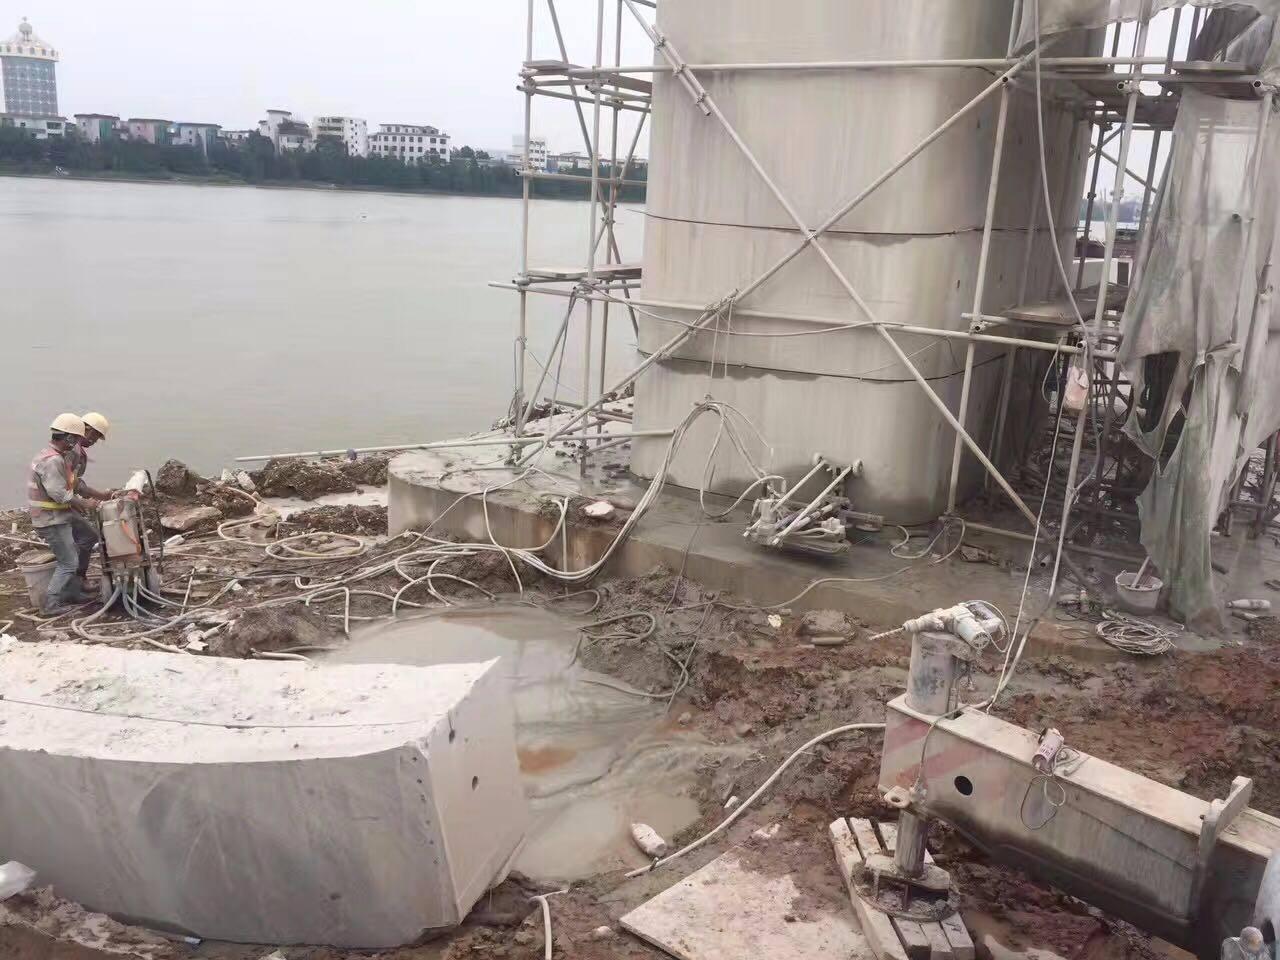 西安基坑支撑梁绳锯切割拆除无损性拆除方案